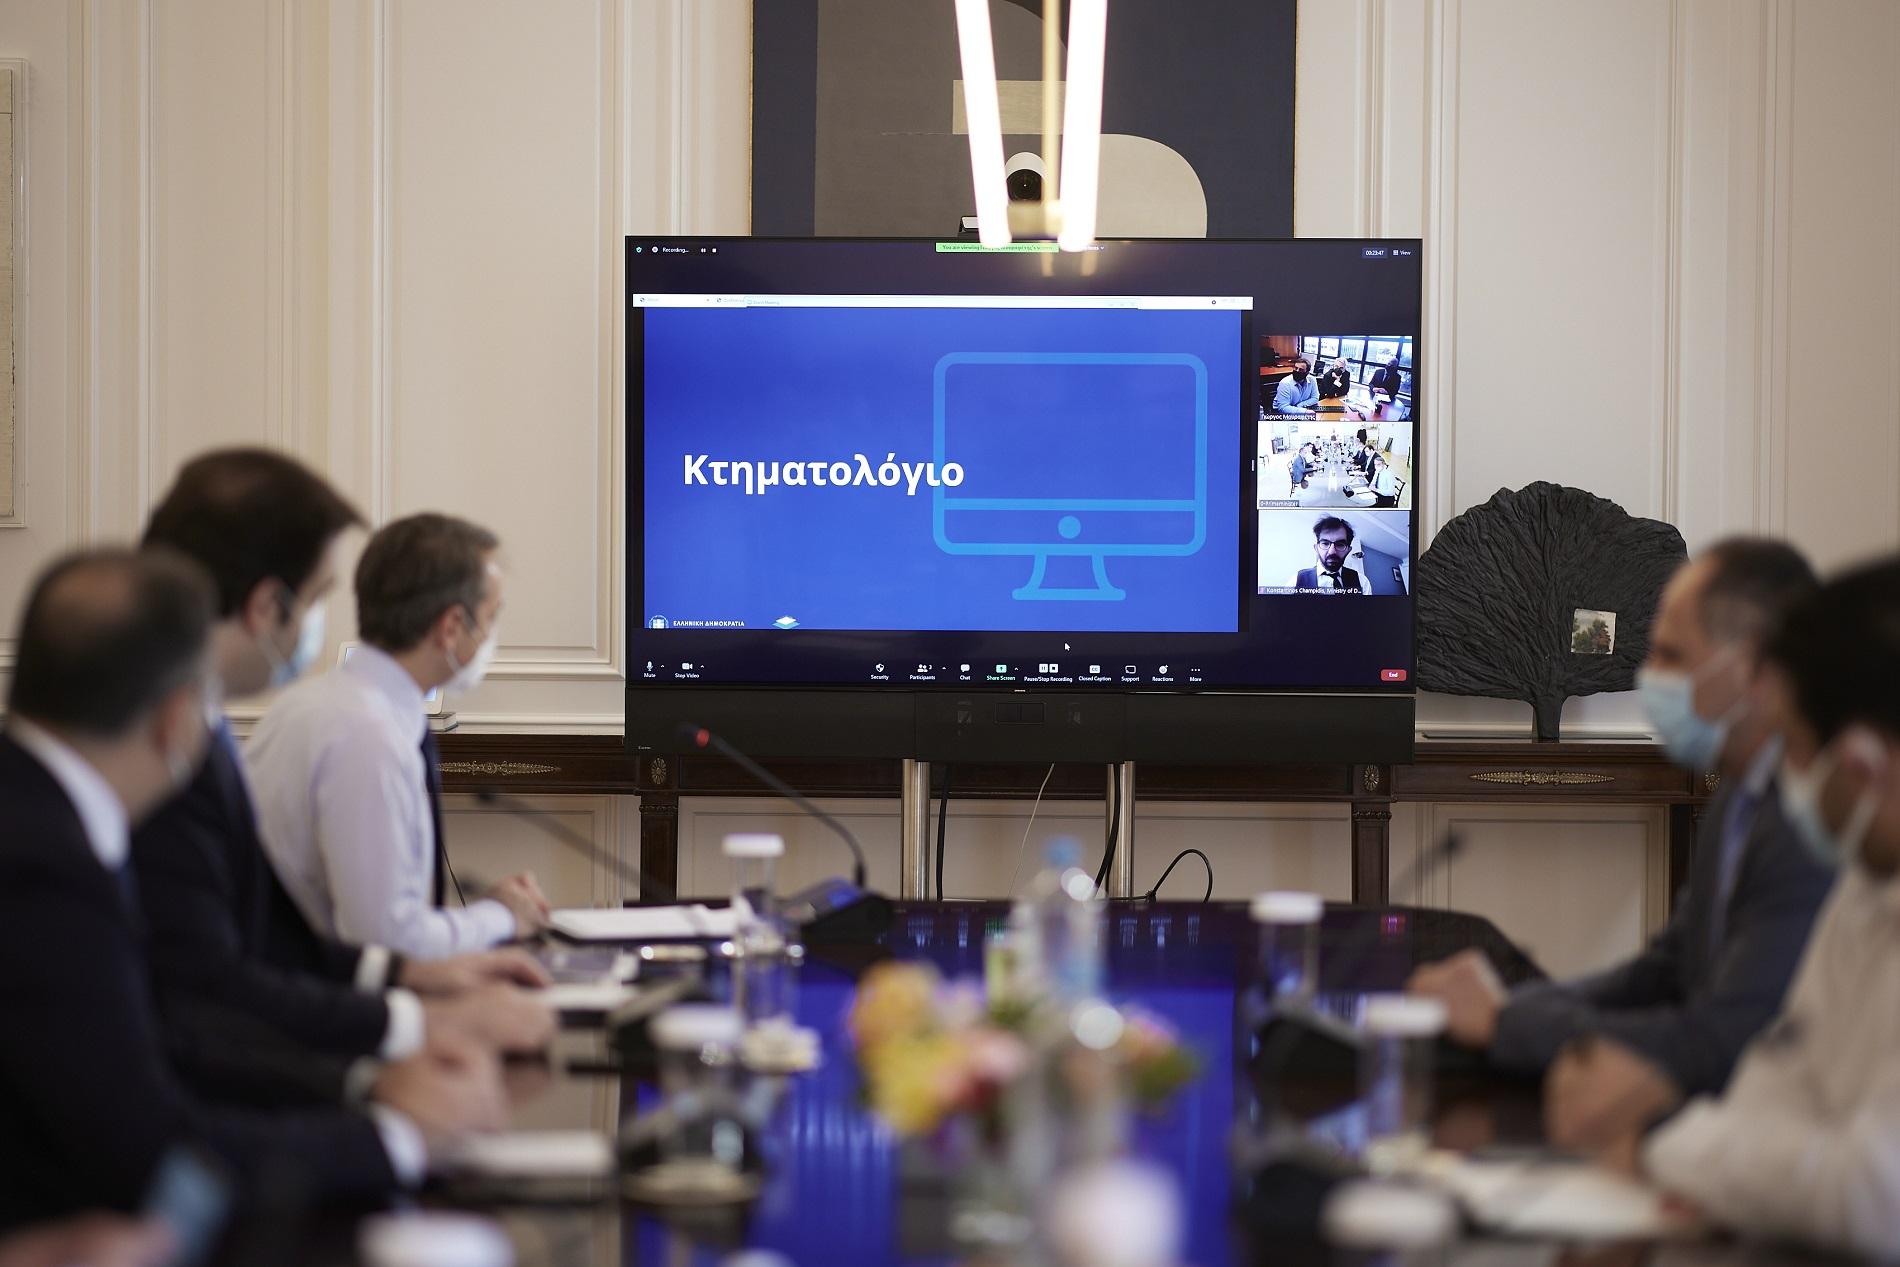 Κ. Μητσοτάκης: Ελεύθερη και γρήγορη πρόσβαση στο κτηματολόγιο προσθέτει το gov.gr